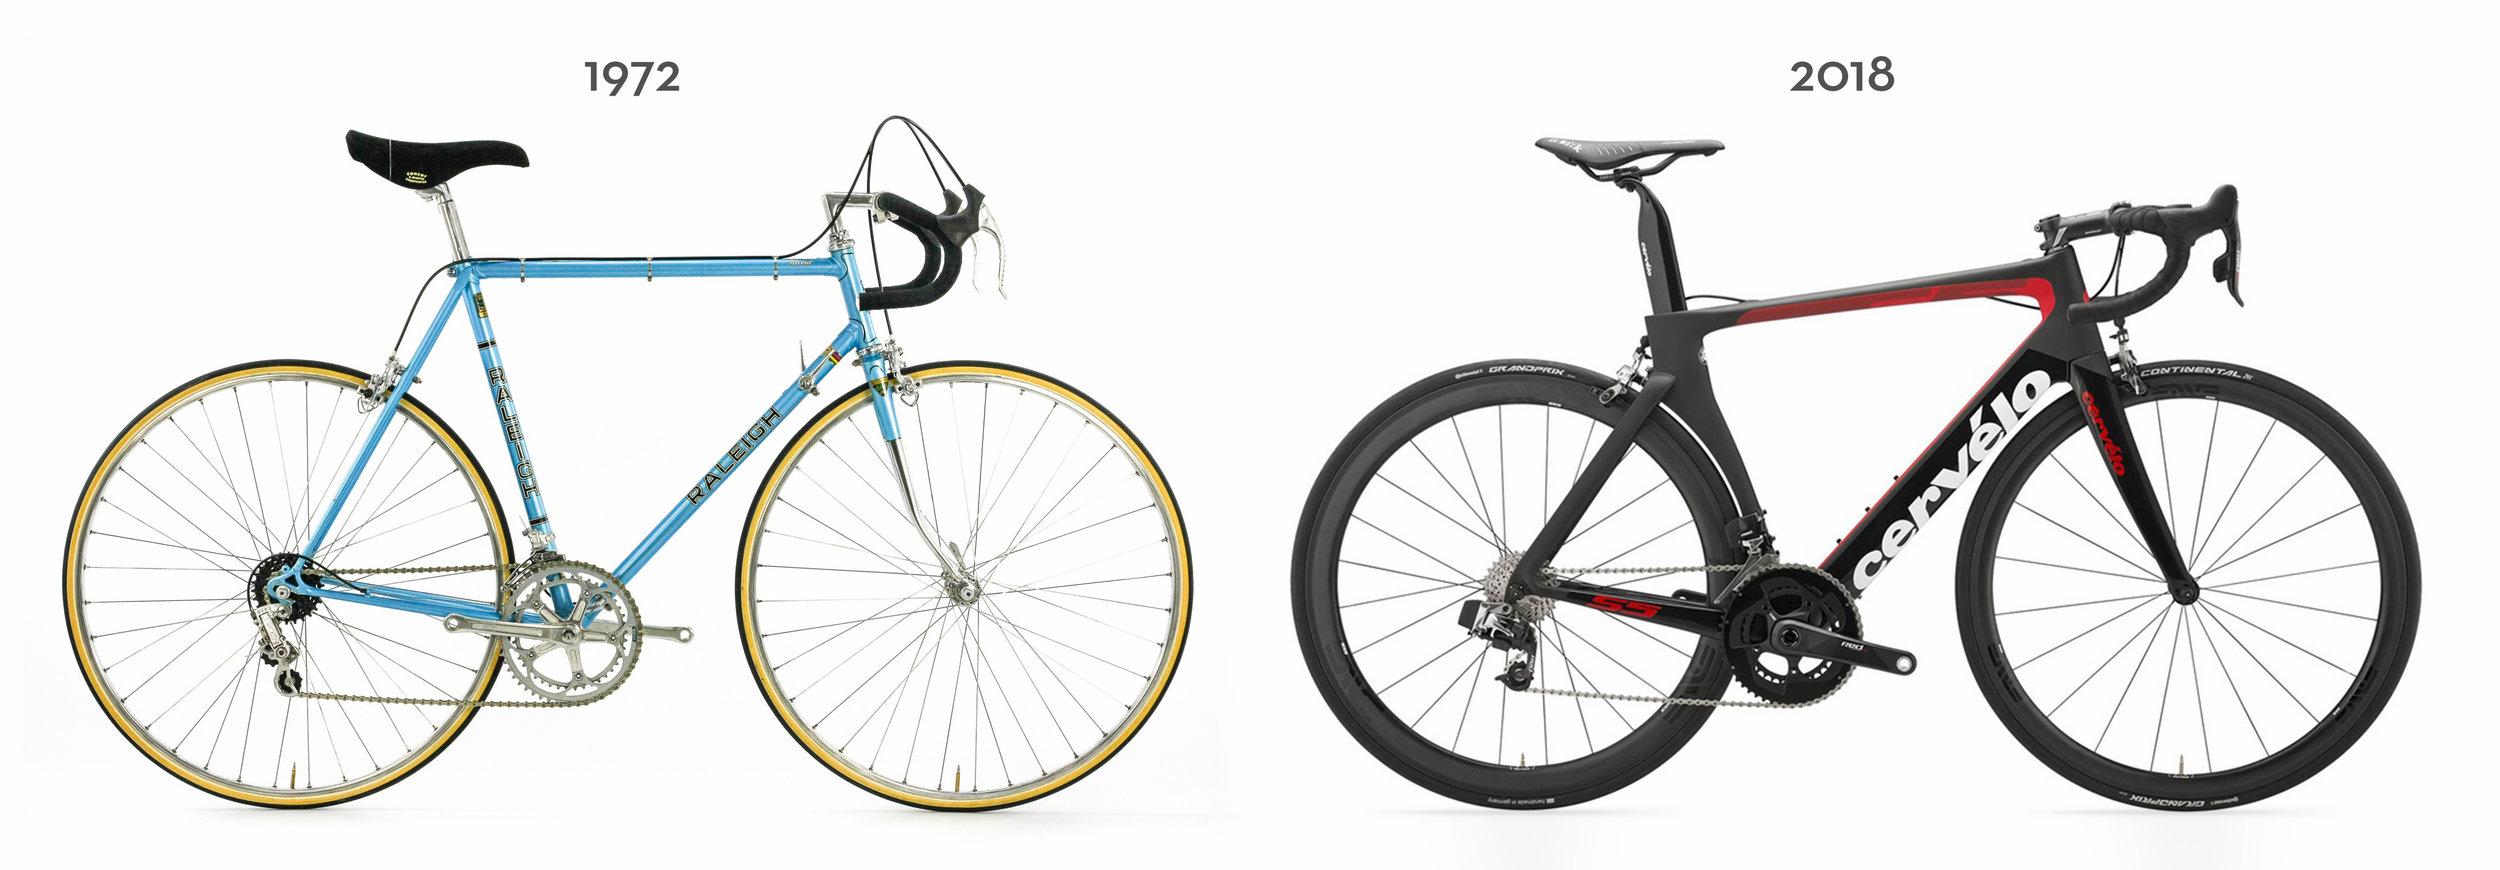 Bike_Advancement_01.jpg